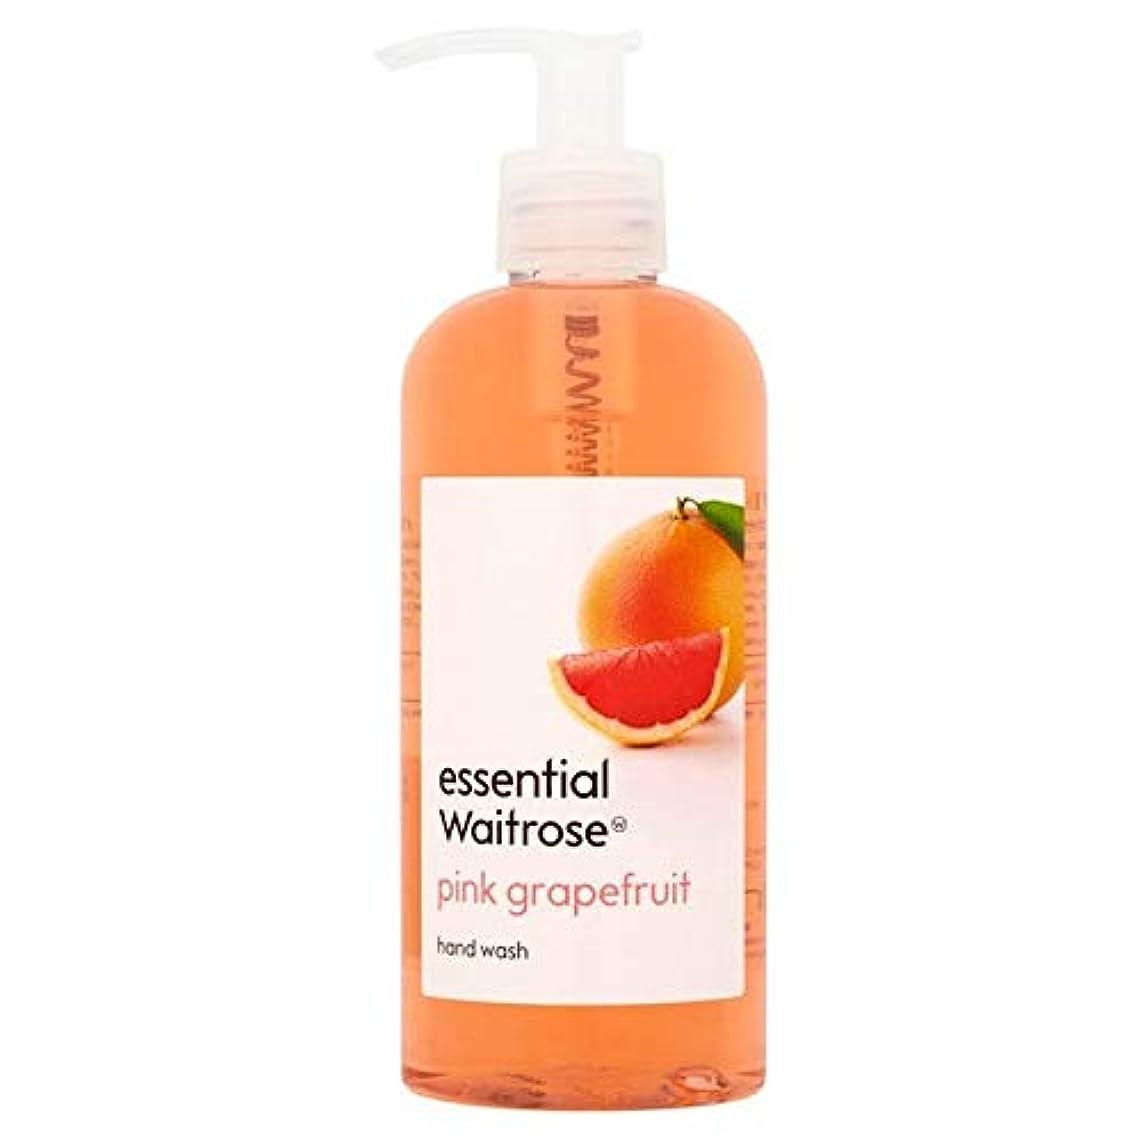 次わずかなアサー[Waitrose ] 基本的なウェイトローズのハンドウォッシュピンクグレープフルーツ300ミリリットル - Essential Waitrose Hand Wash Pink Grapefruit 300ml [並行輸入品]